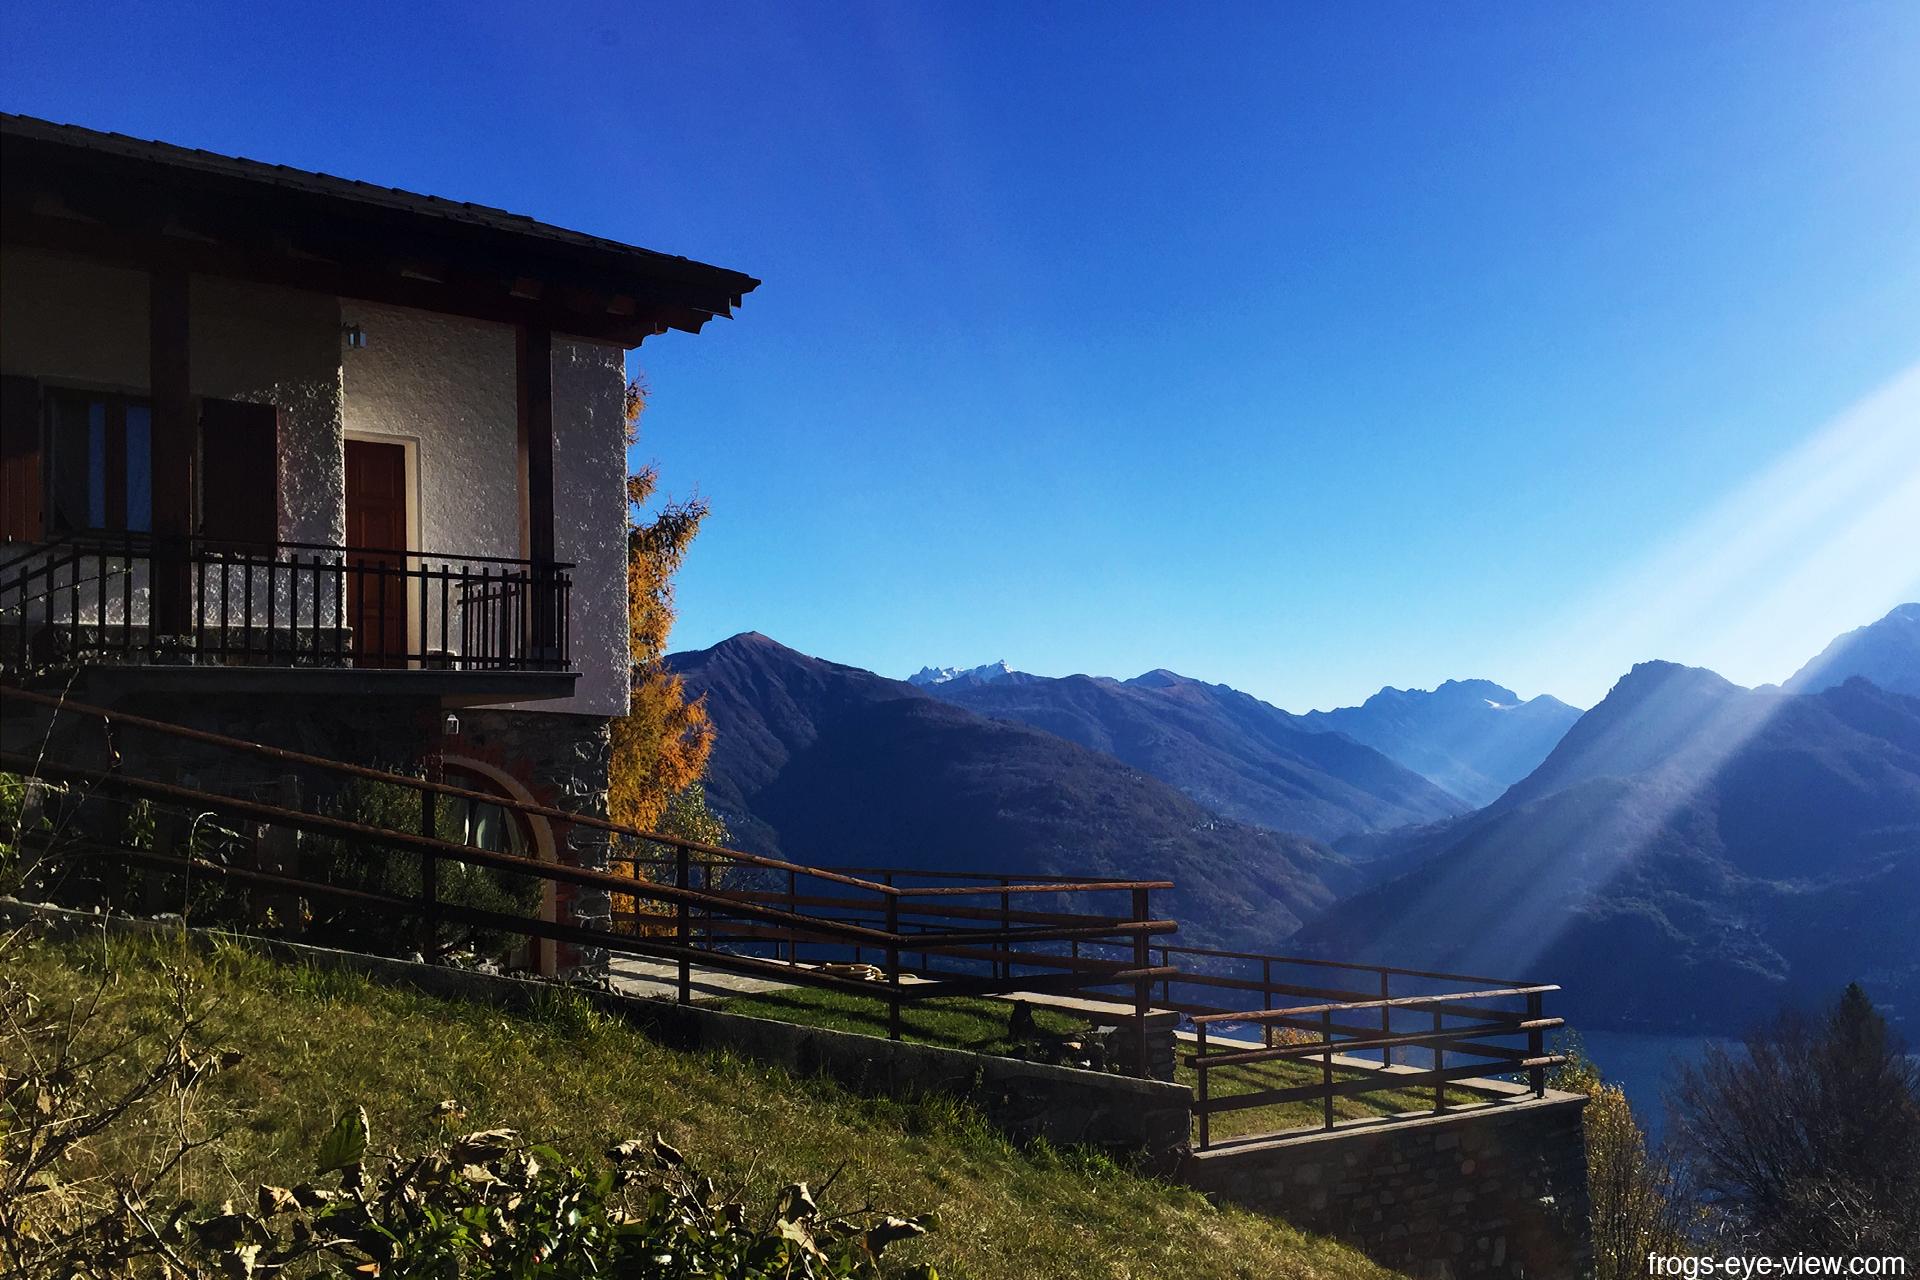 20161112_MonteBregagno_Wanderung_2016-11-12 10.27.26 Kopie